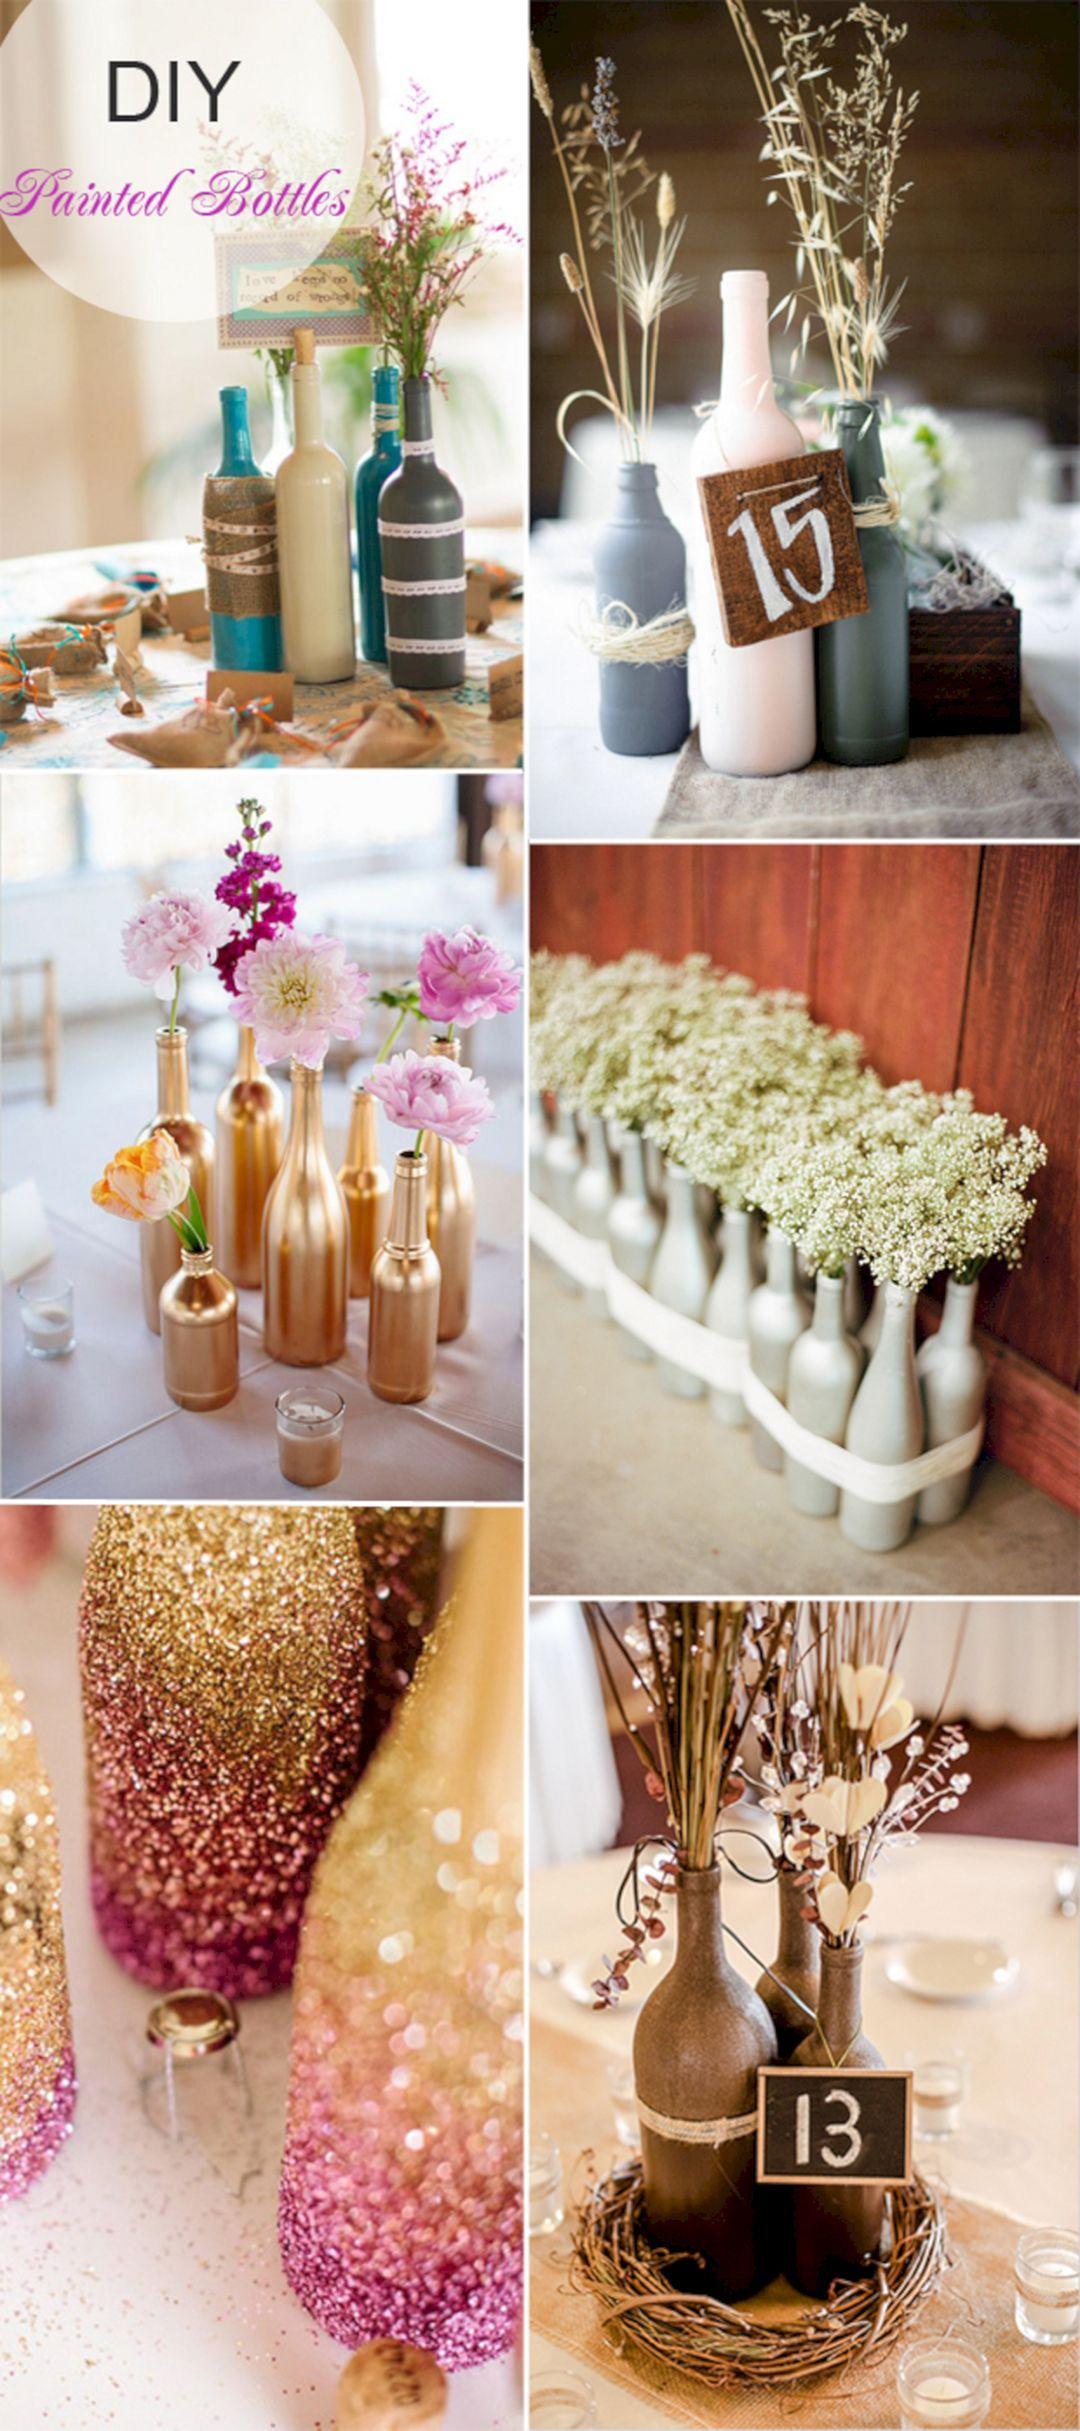 22 Adorable Diy Rustic Wedding Centerpieces Design And Decor Wedding Centerpieces Diy Wedding Centerpieces Diy Wedding